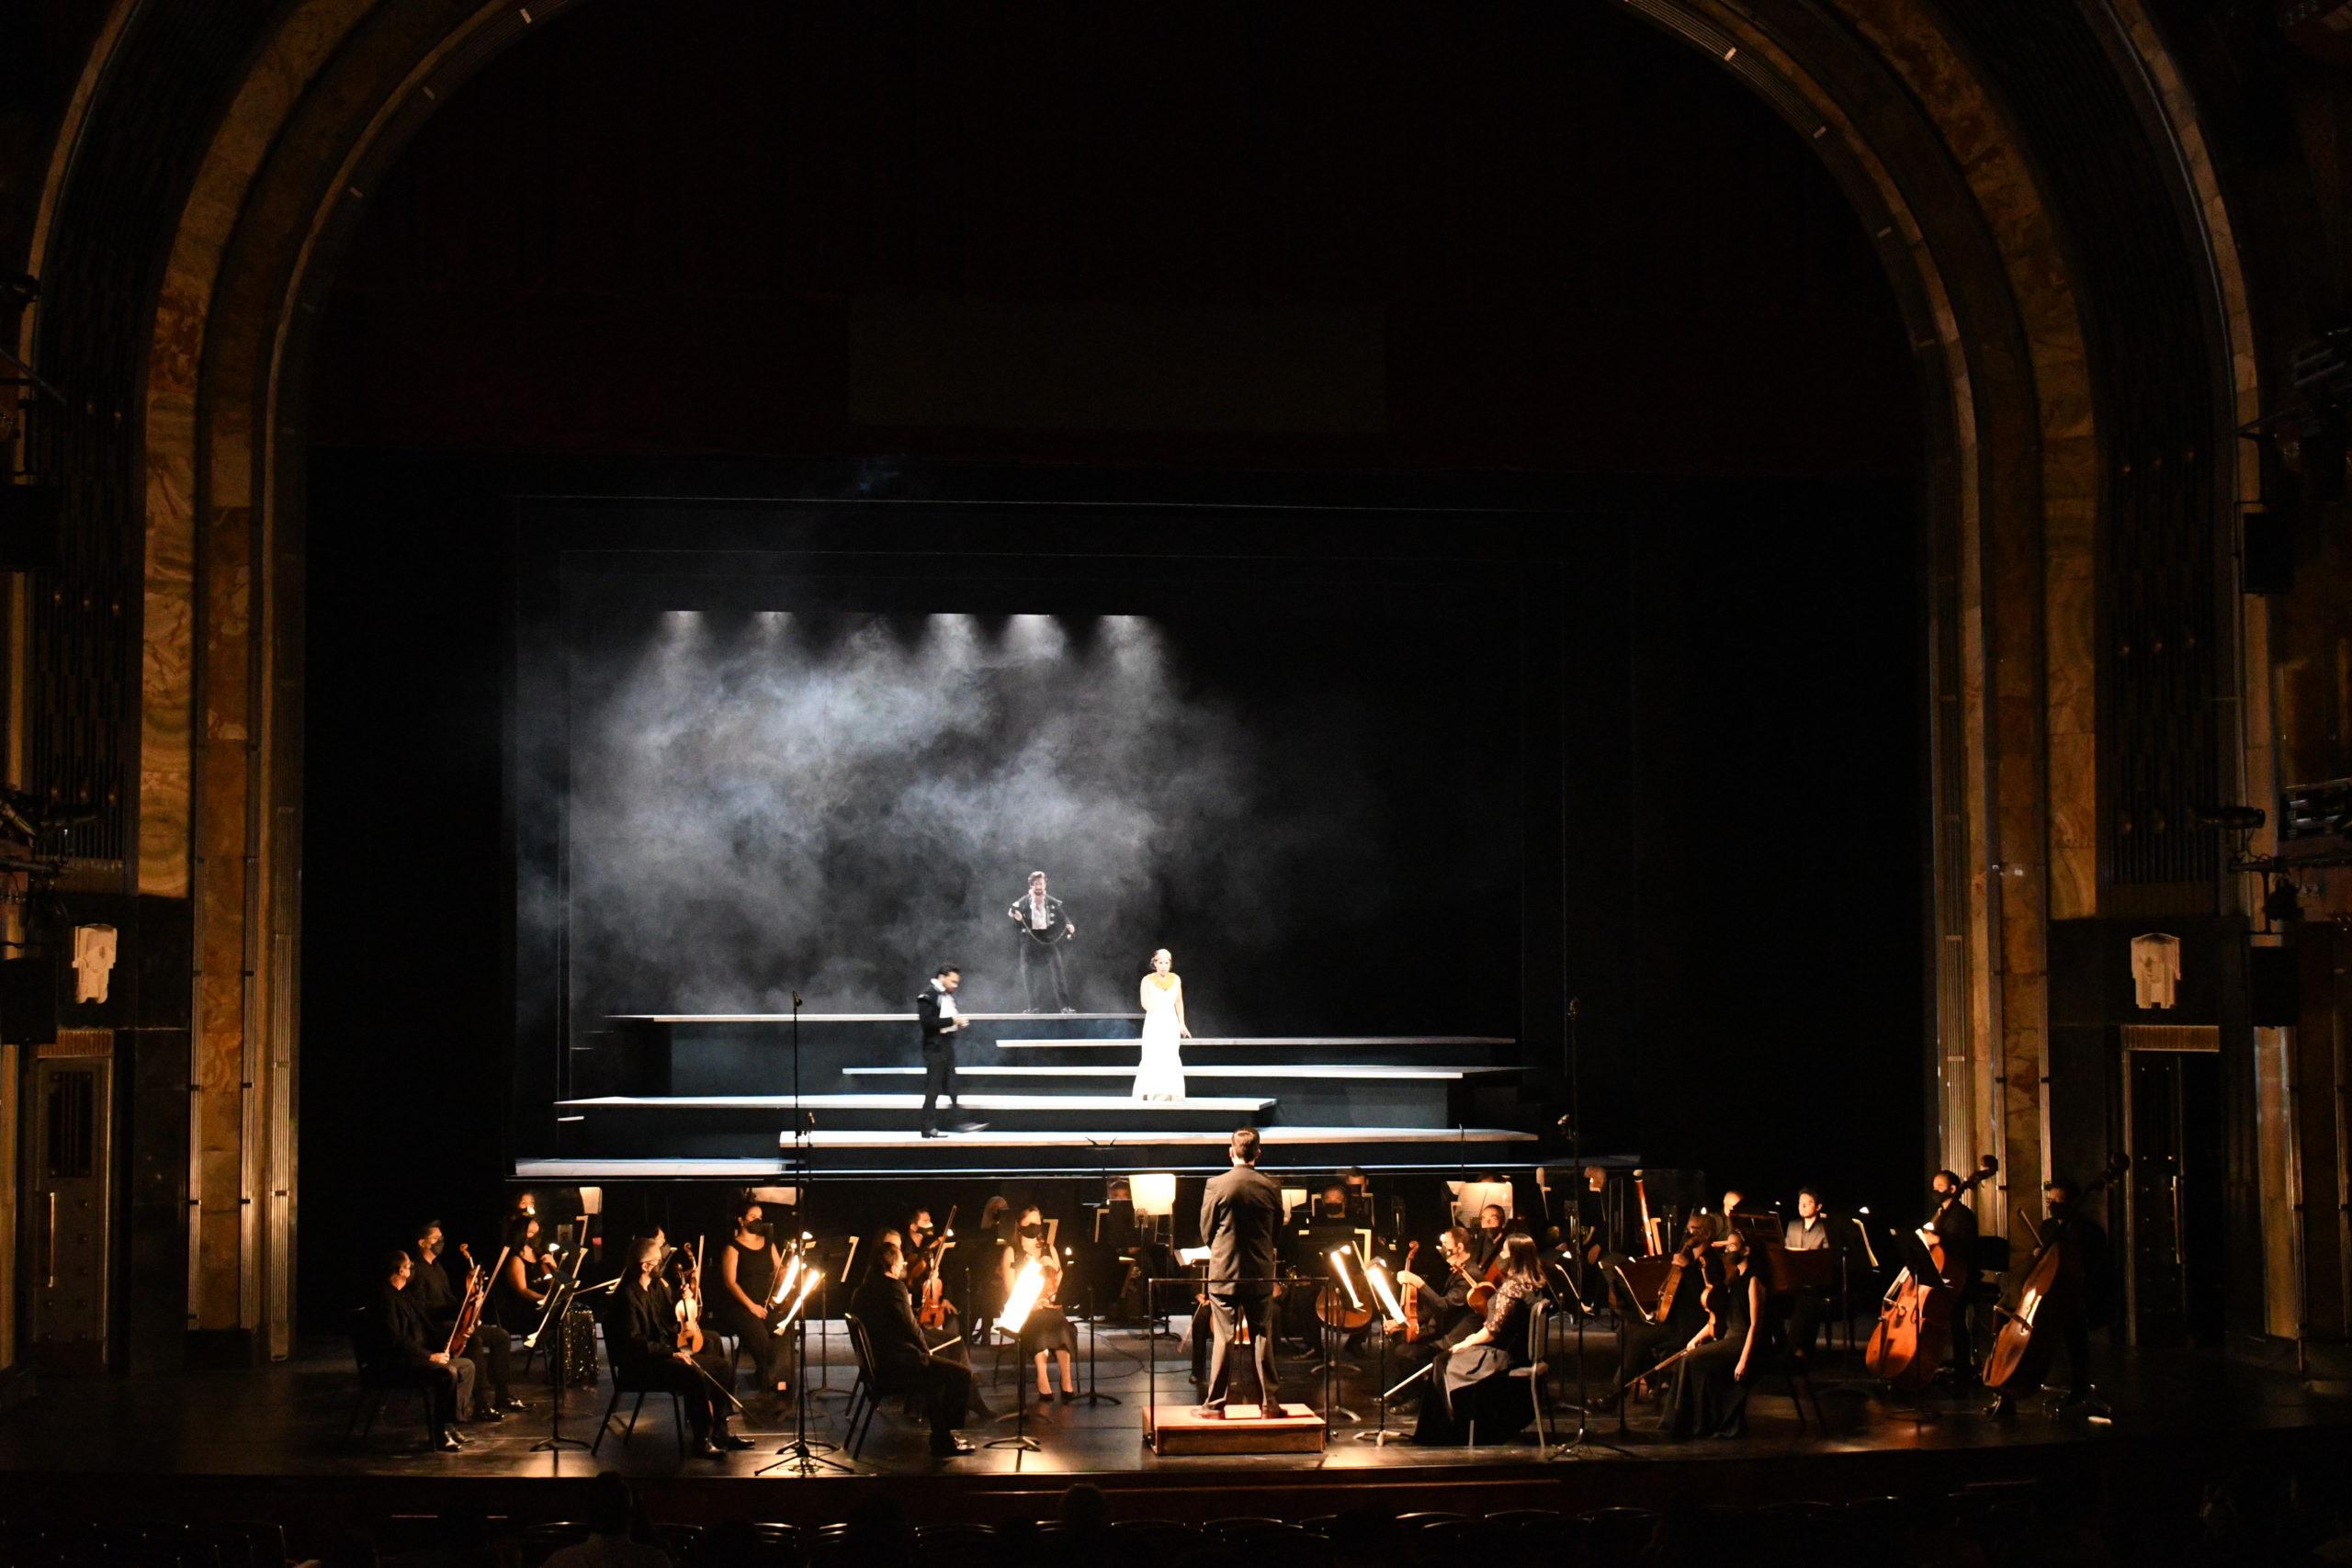 Un momento de la representación de MONTEZUMA de Carl Heinrich Graun en la Ópera de Bellas Artes